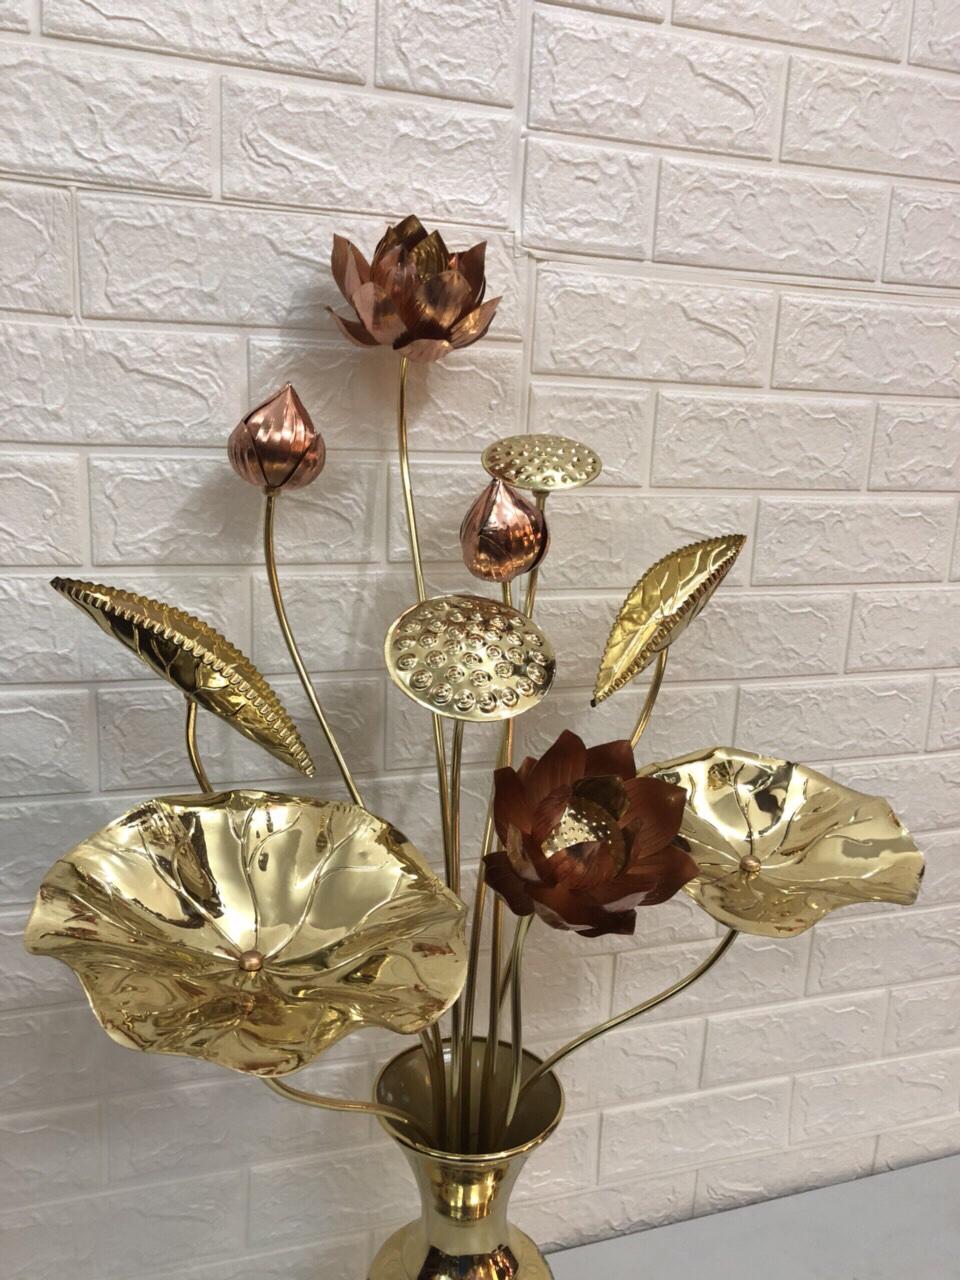 đồ thờ cúng bằng đồng  ( hoa sen hồng bằng đồng) comboo cả lọ hoa đồng